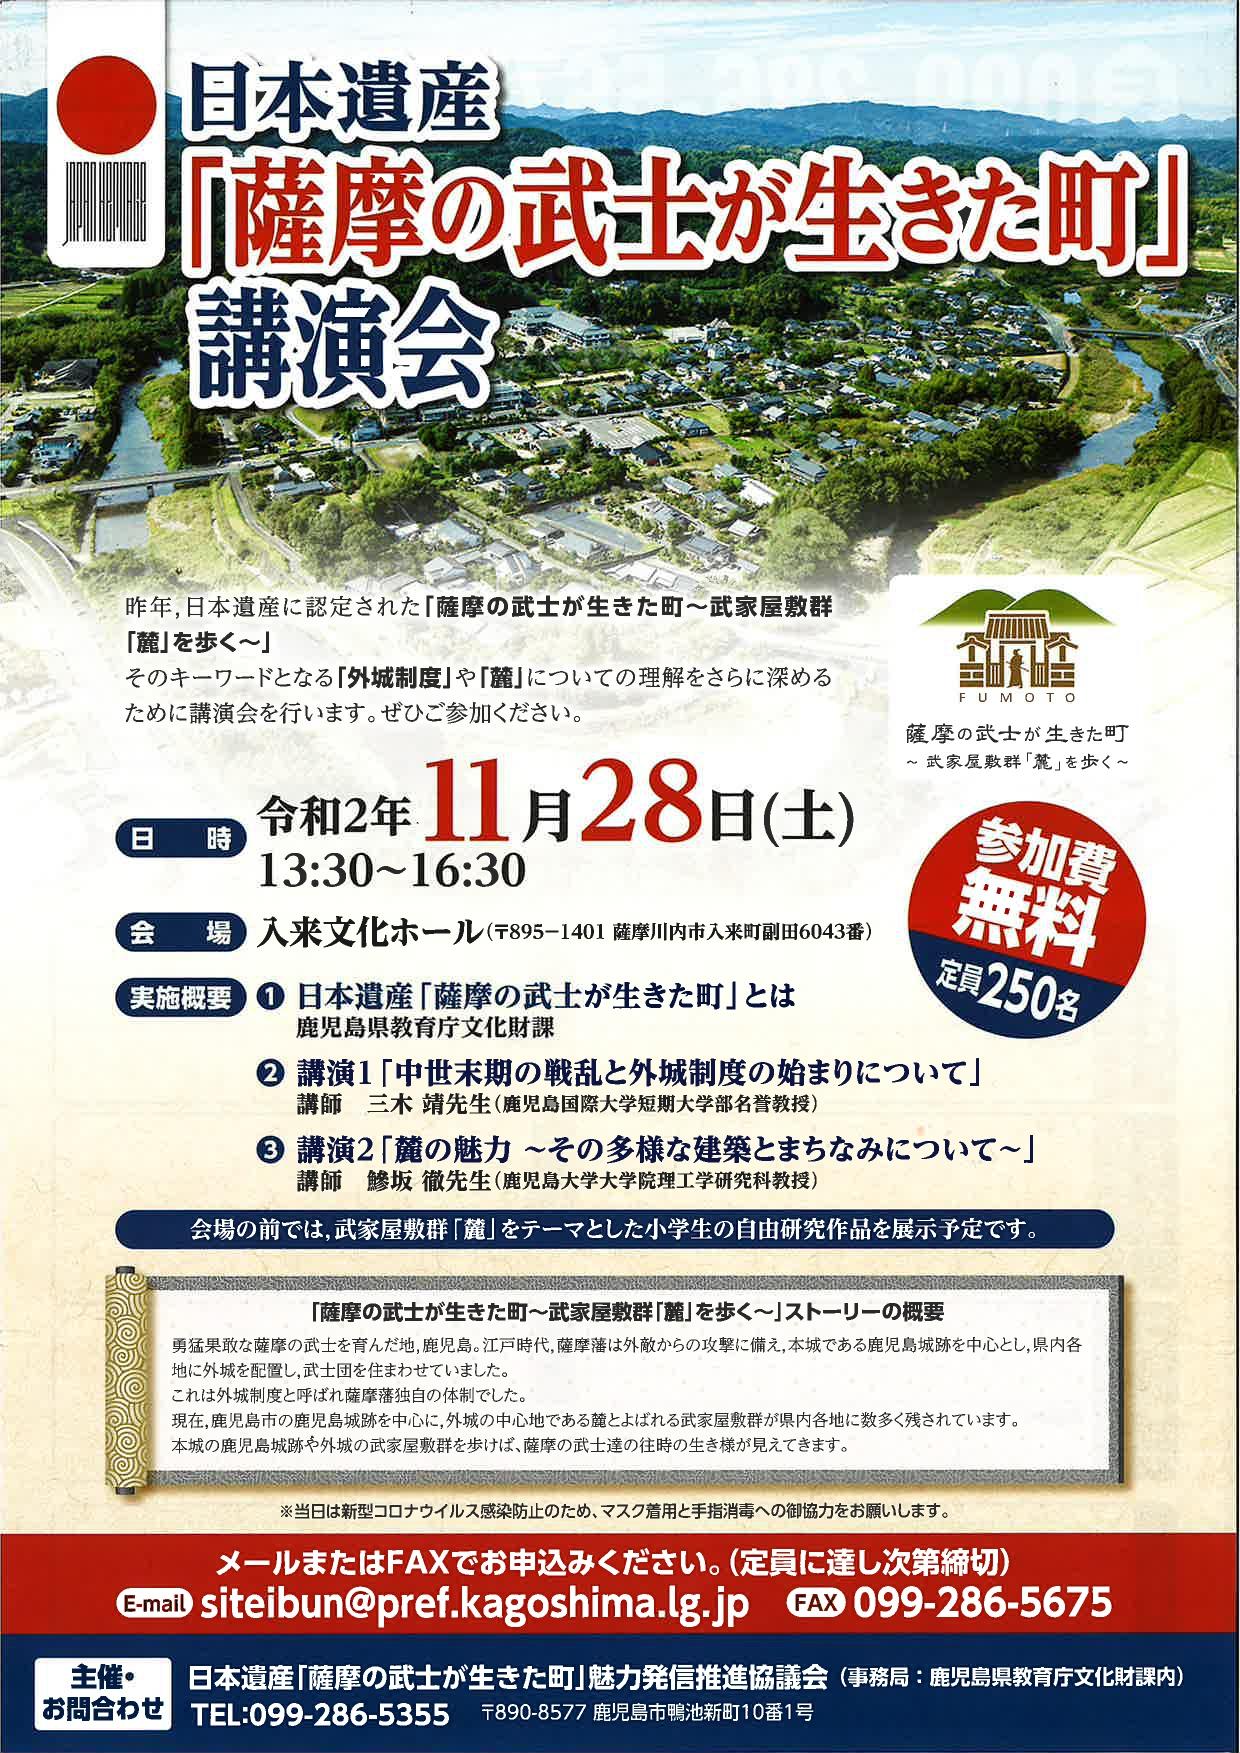 日本遺産「薩摩の武士が生きた町」講演会